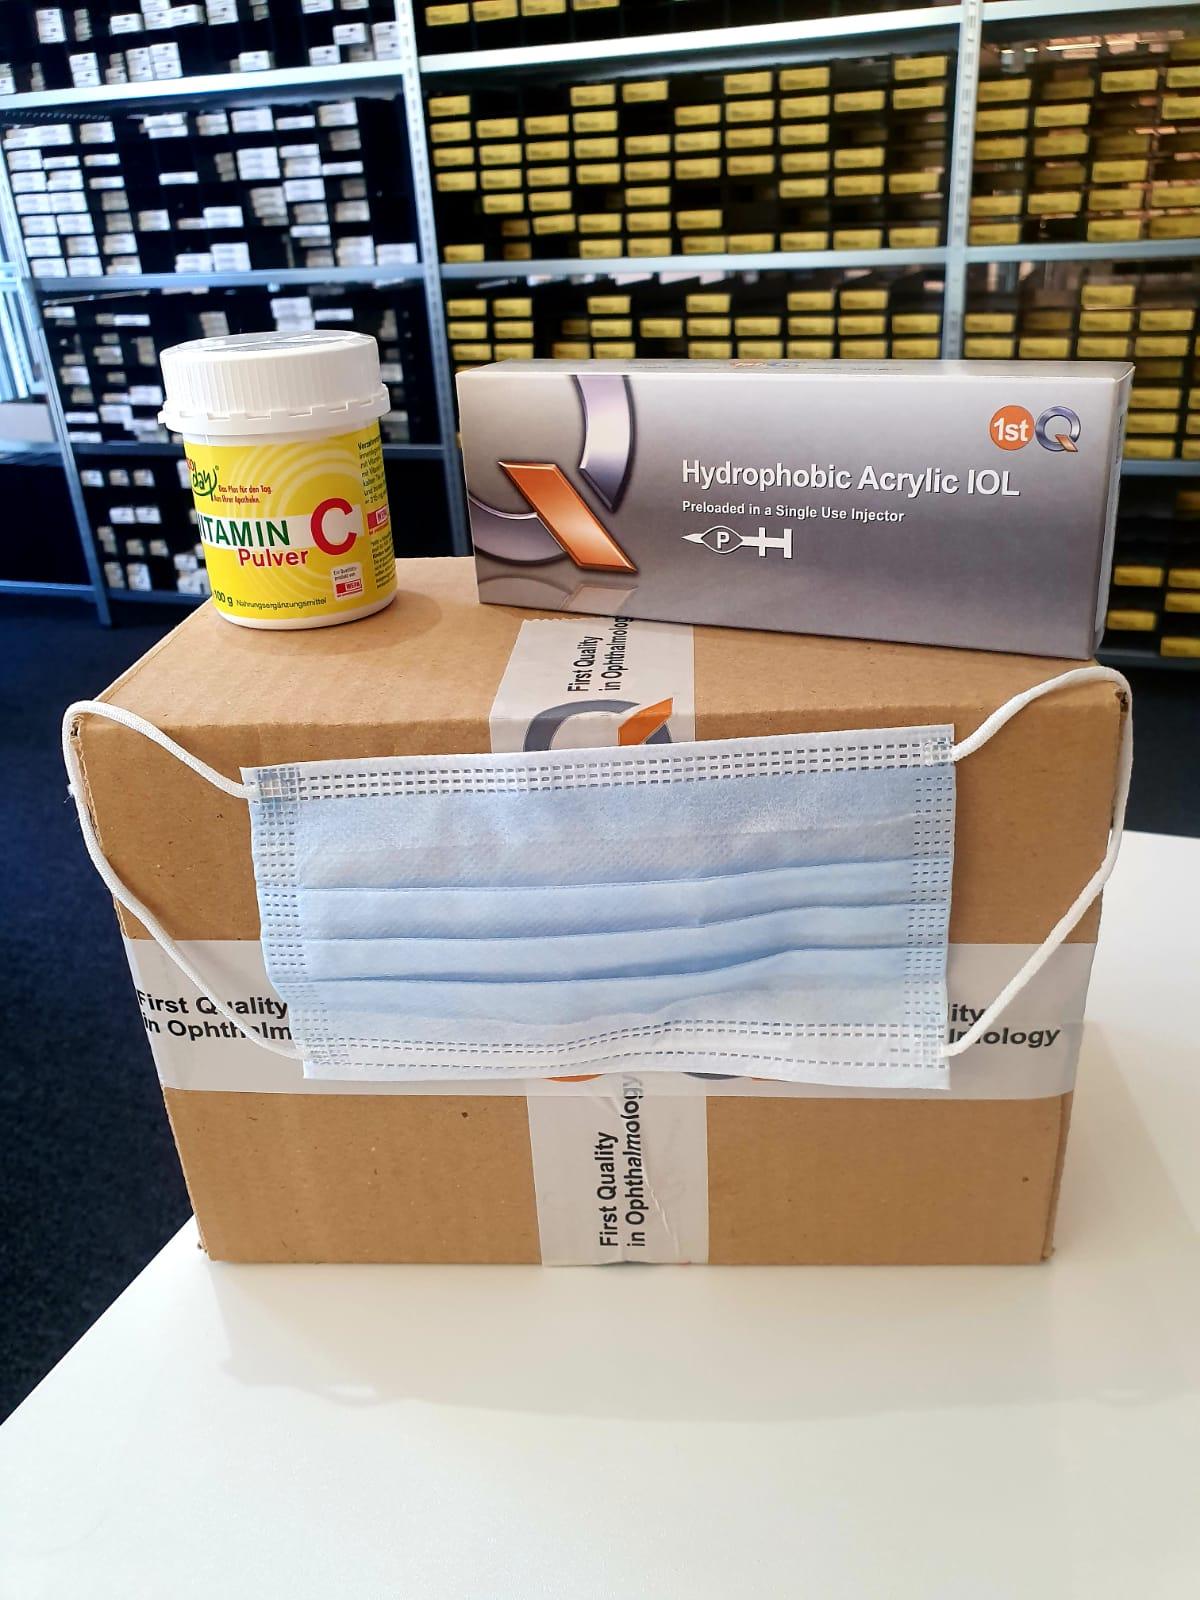 Versandpaket von 1stQ mit OP-Masken, IOL und Vitamin C